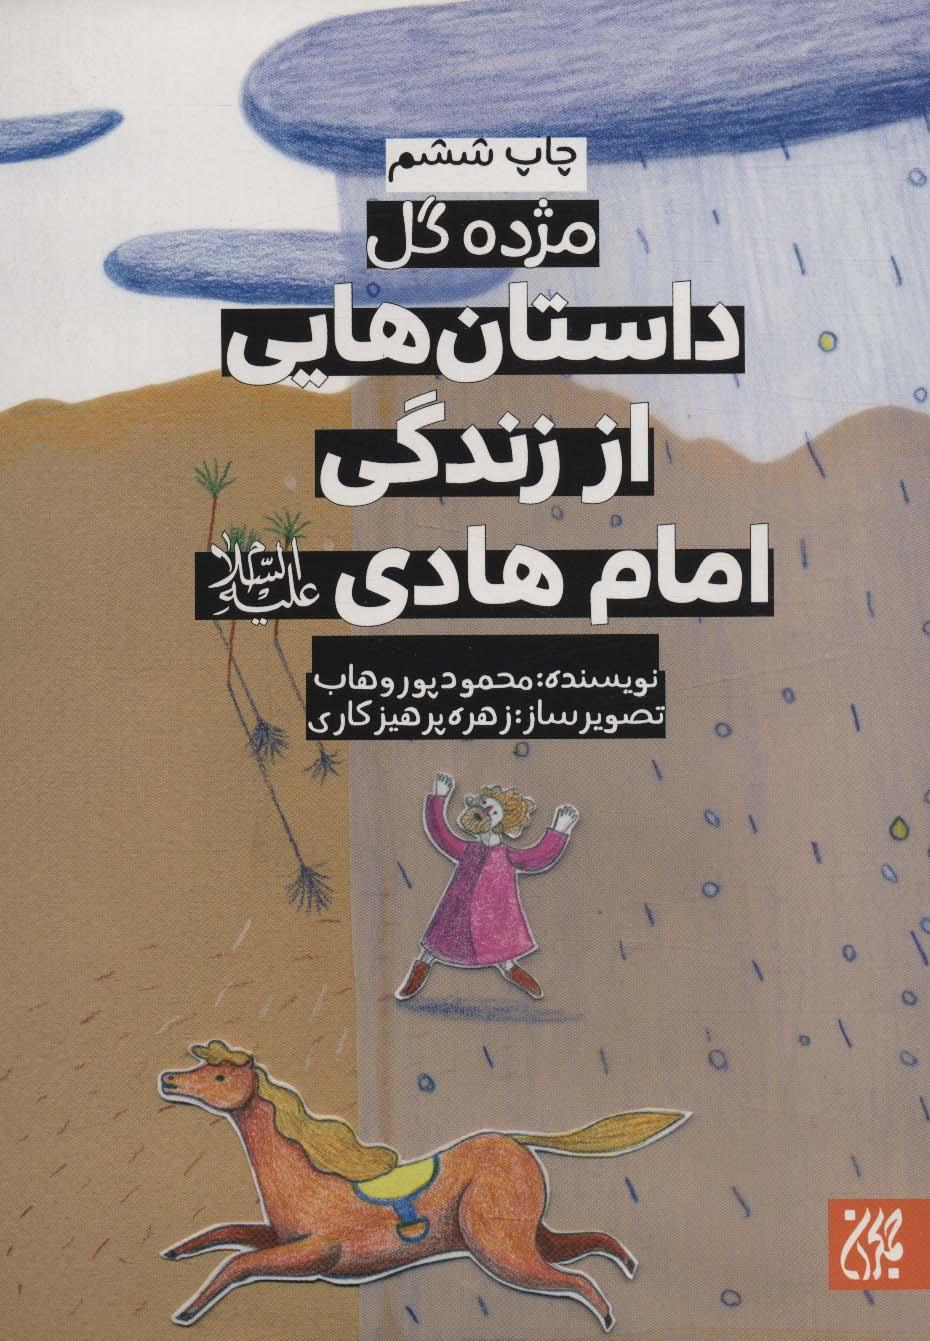 داستان هایی از زندگی امام هادی (ع)،(مژده گل)،(گلاسه)